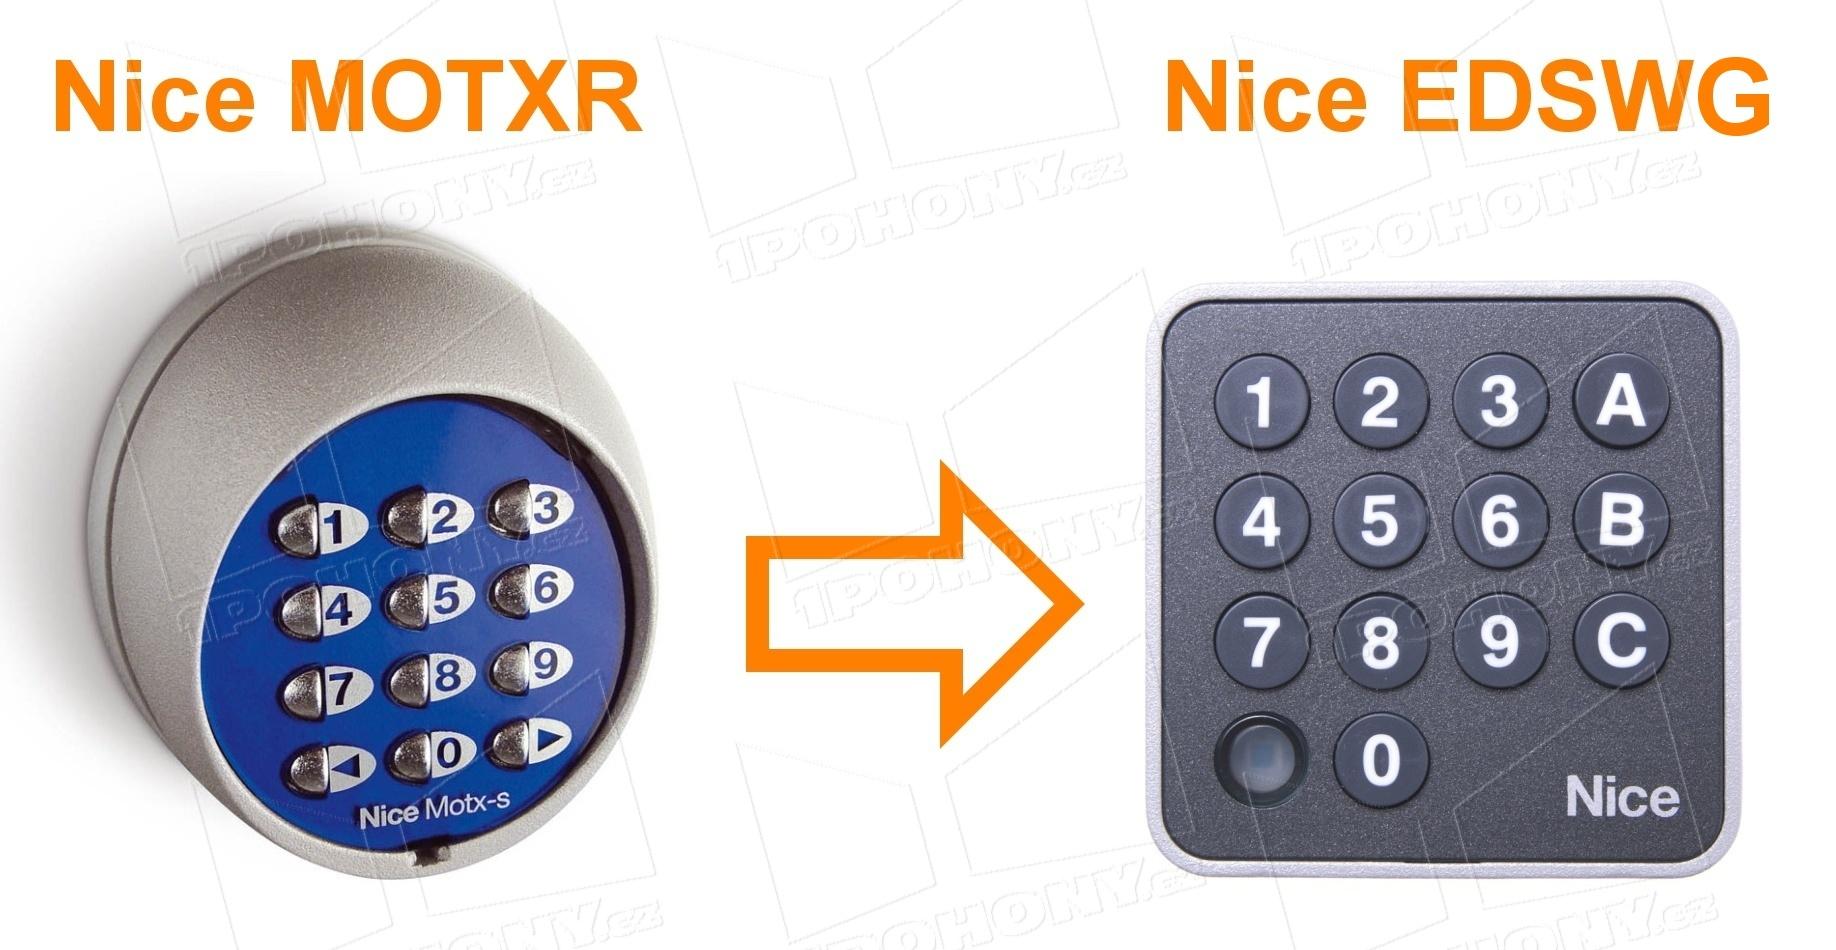 114090-114140-Nice-MOTXR-Nice-EDSW-010-s